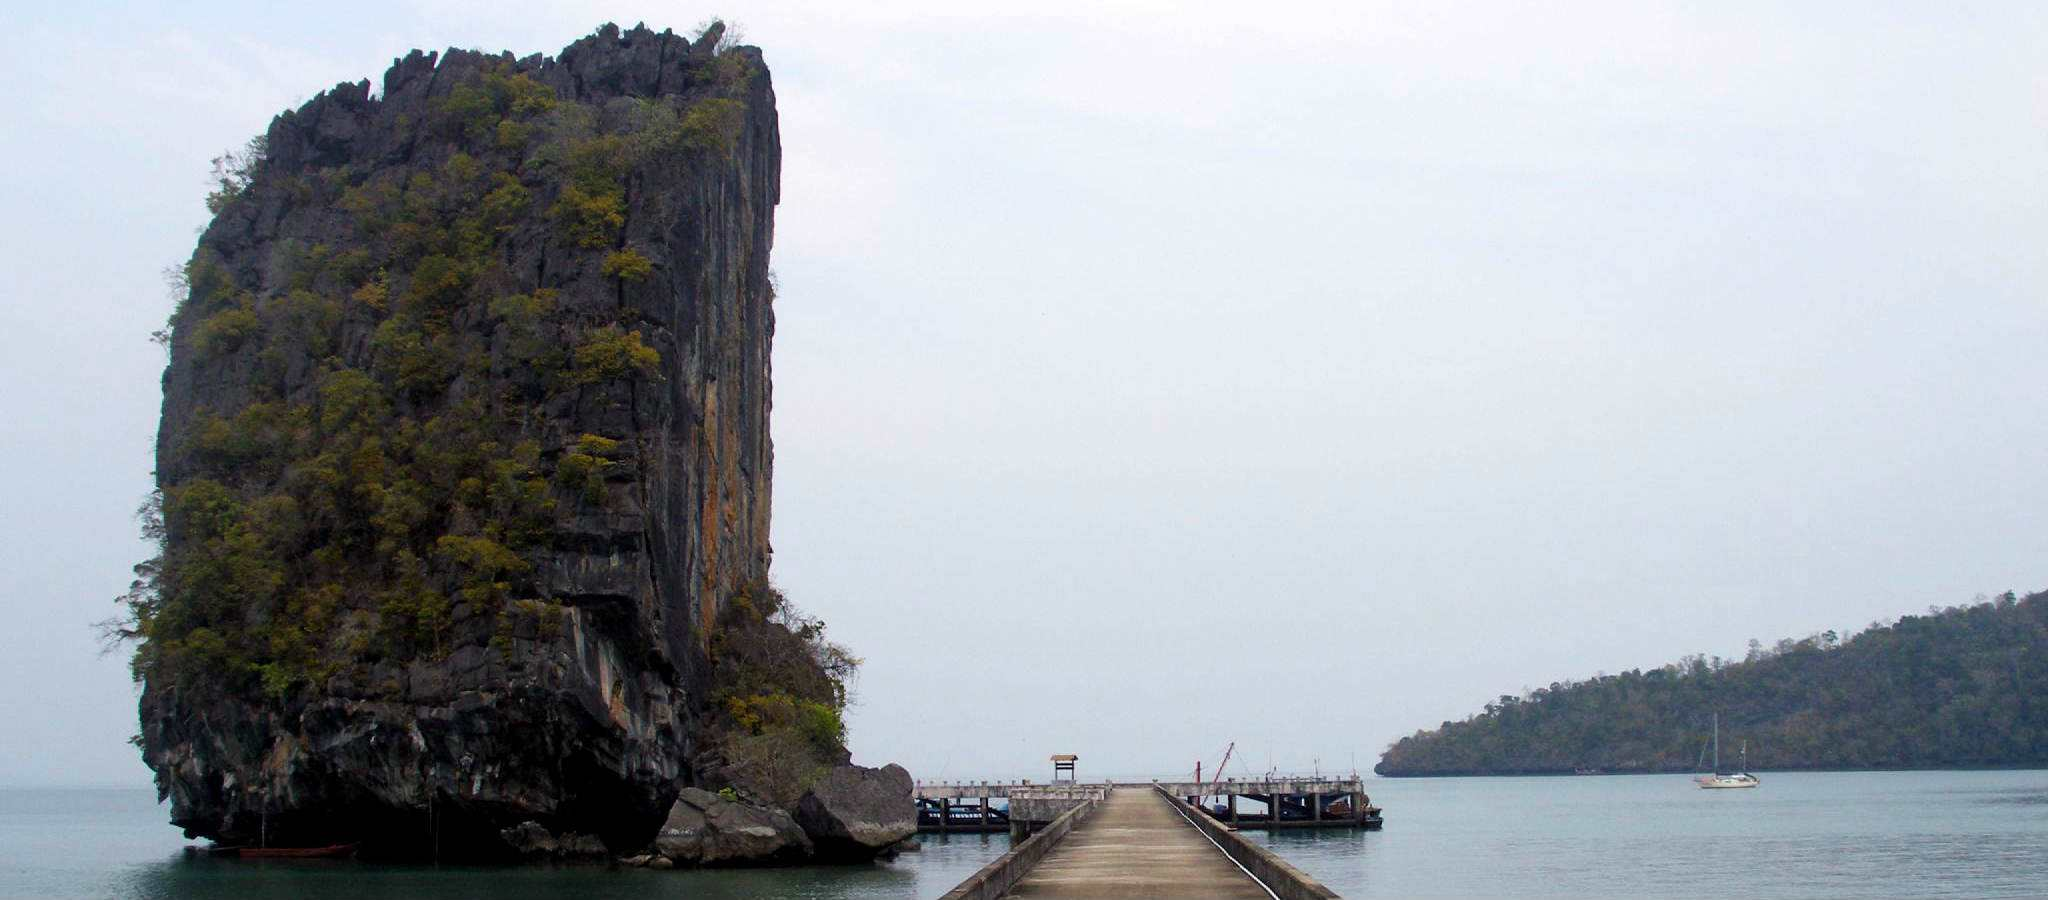 De markante gespleten rots bij de pier van Koh Tarutao in het zuiden van Thailand